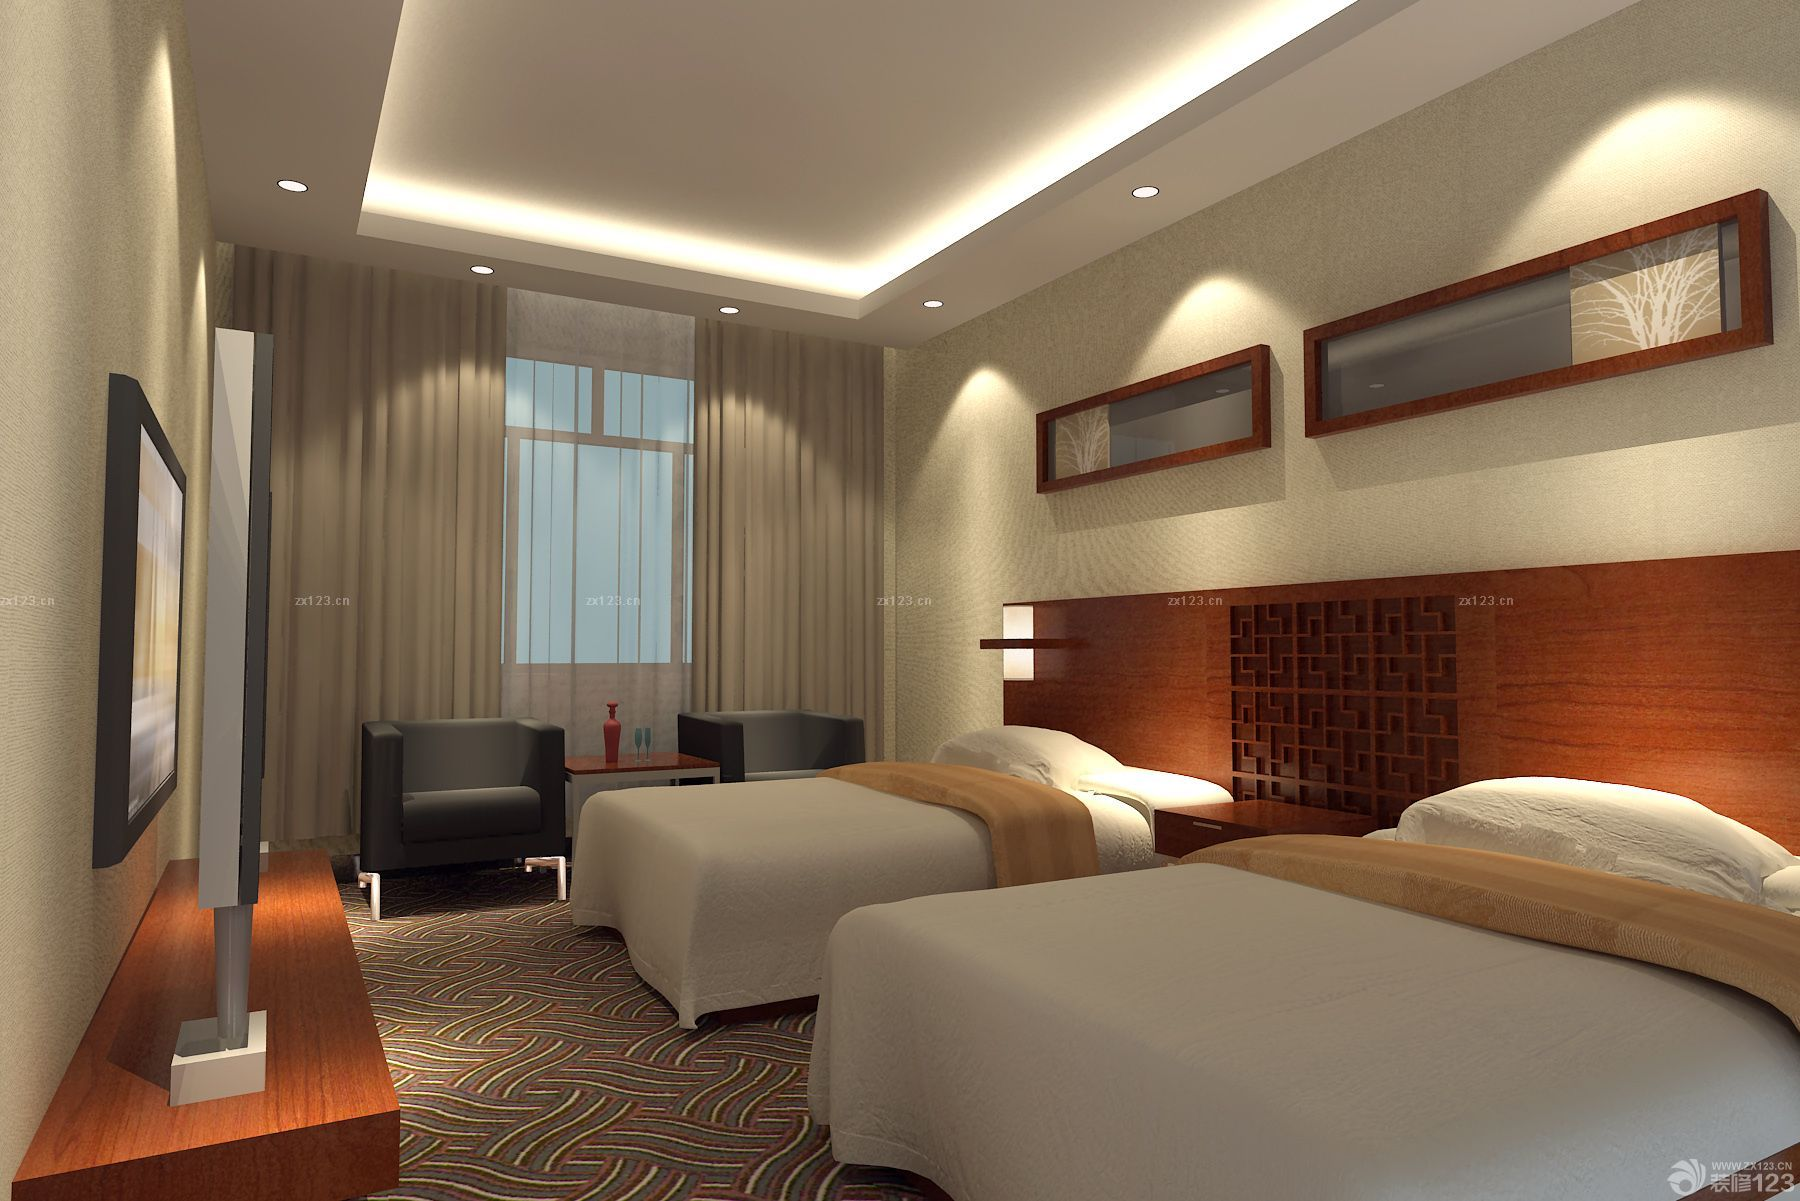 现代旅馆双人房间装修效果图